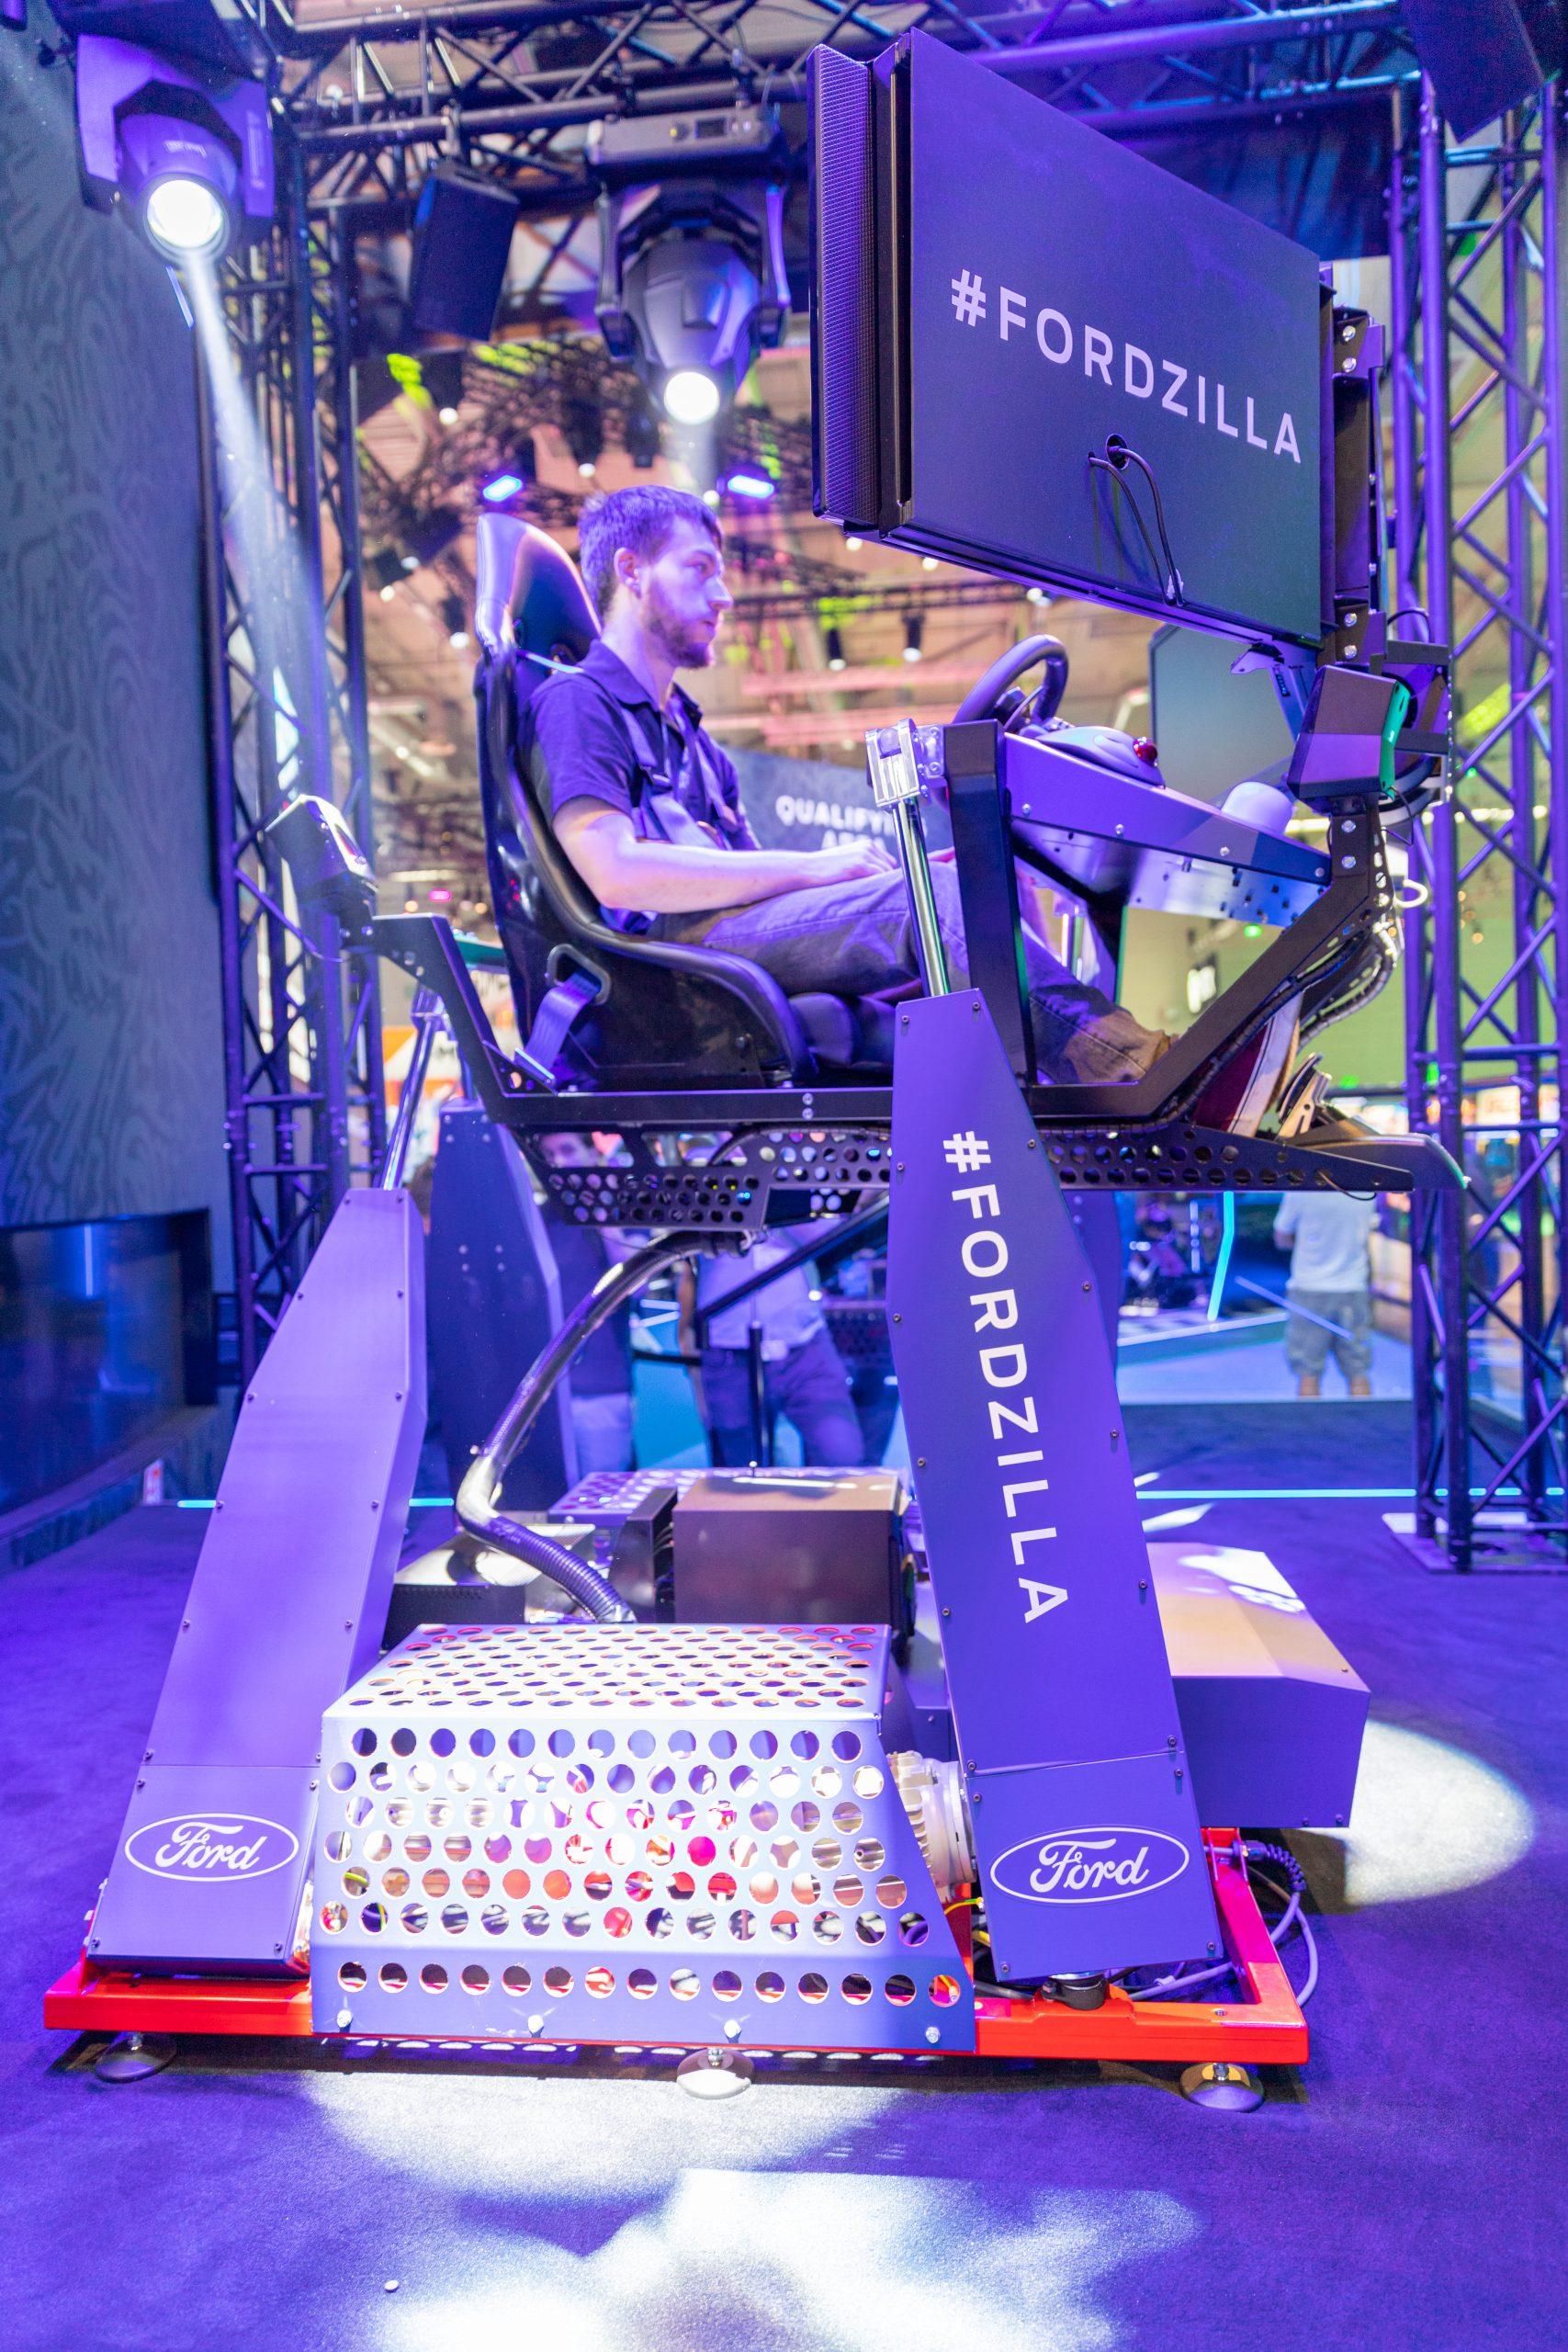 Rennsimulator mit Hydraulik um G-Kräfte zu simulieren - Ford Fordzilla 4D Driving Experience Simulator